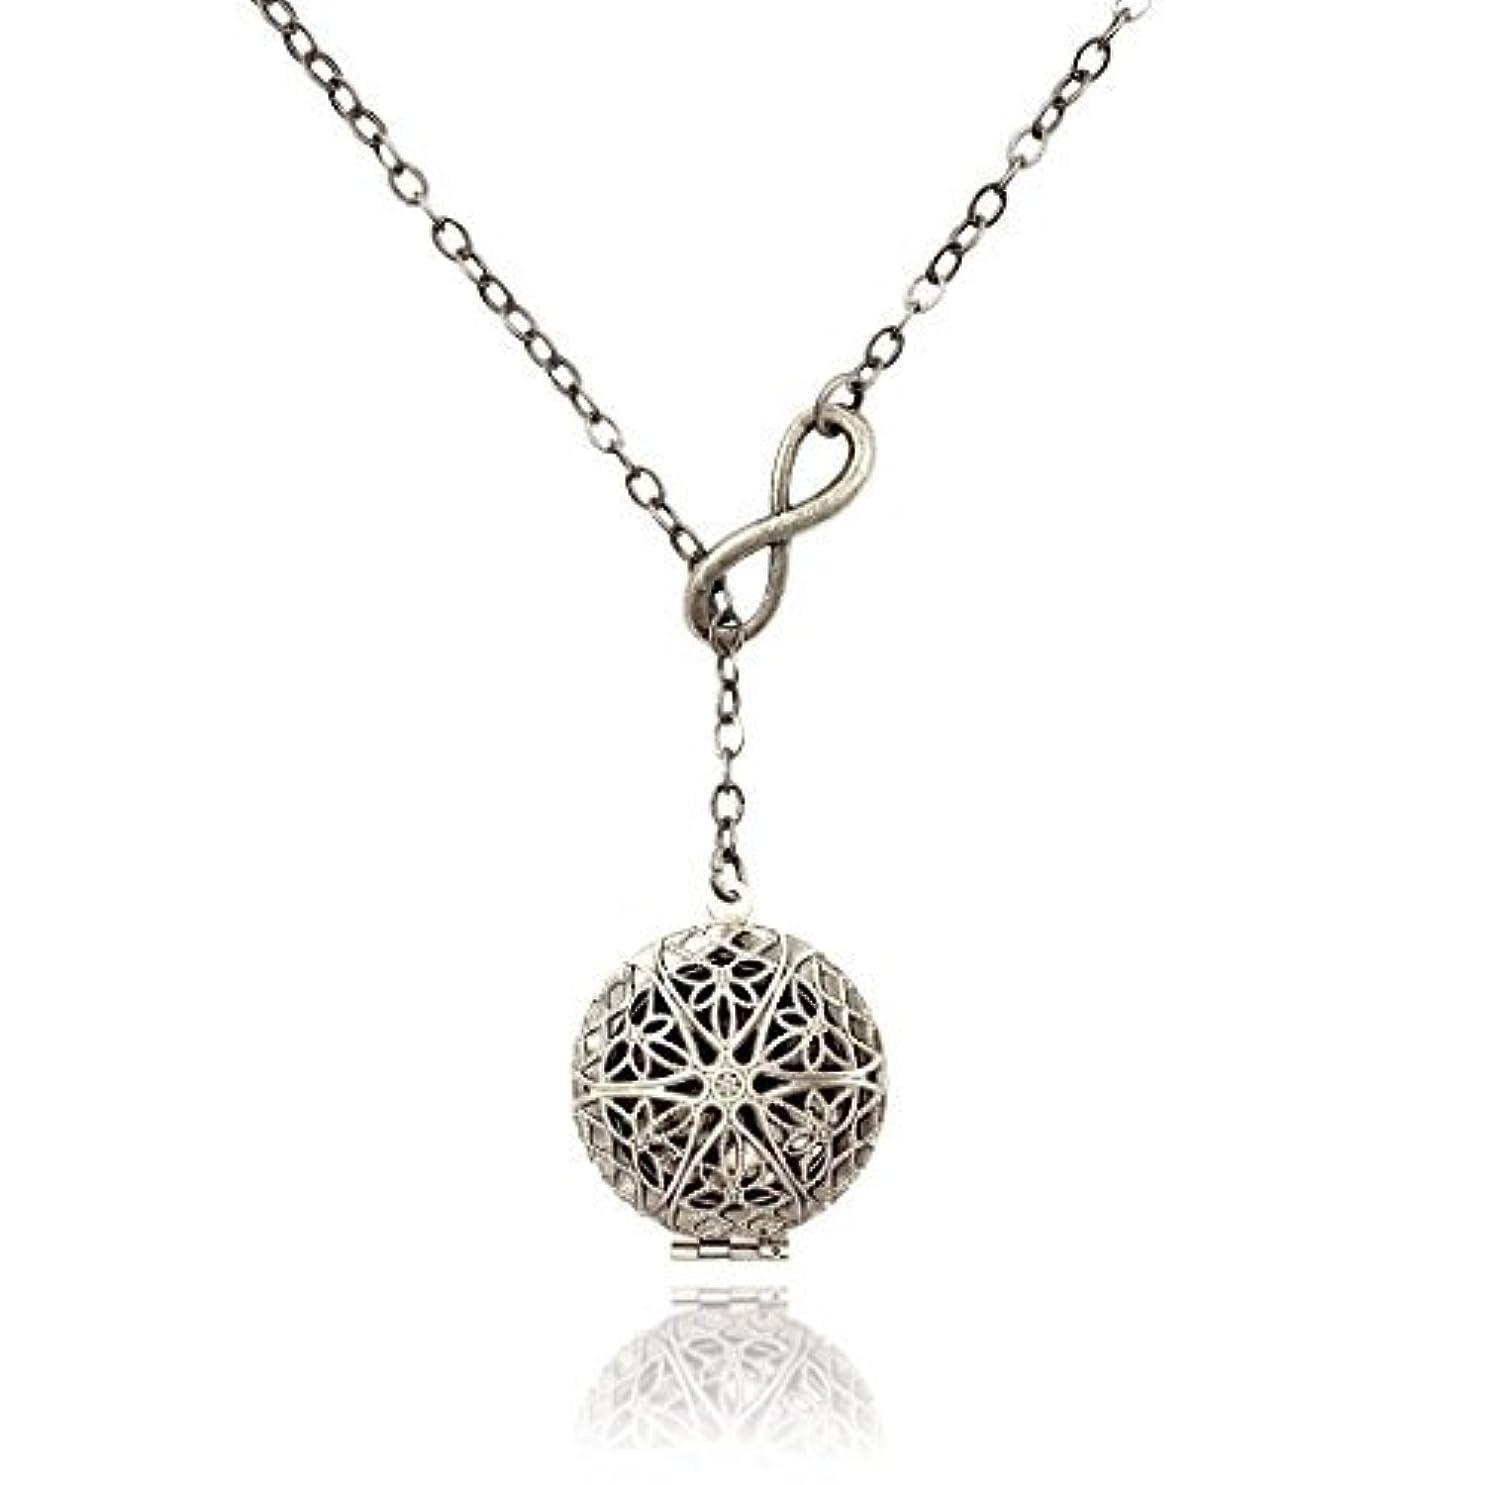 言い直す化粧原理Infinity Eternity Silver-tone Aromatherapy Necklace Essential Oil Diffuser Locket Pendant Jewelry Lariat Y-Style...